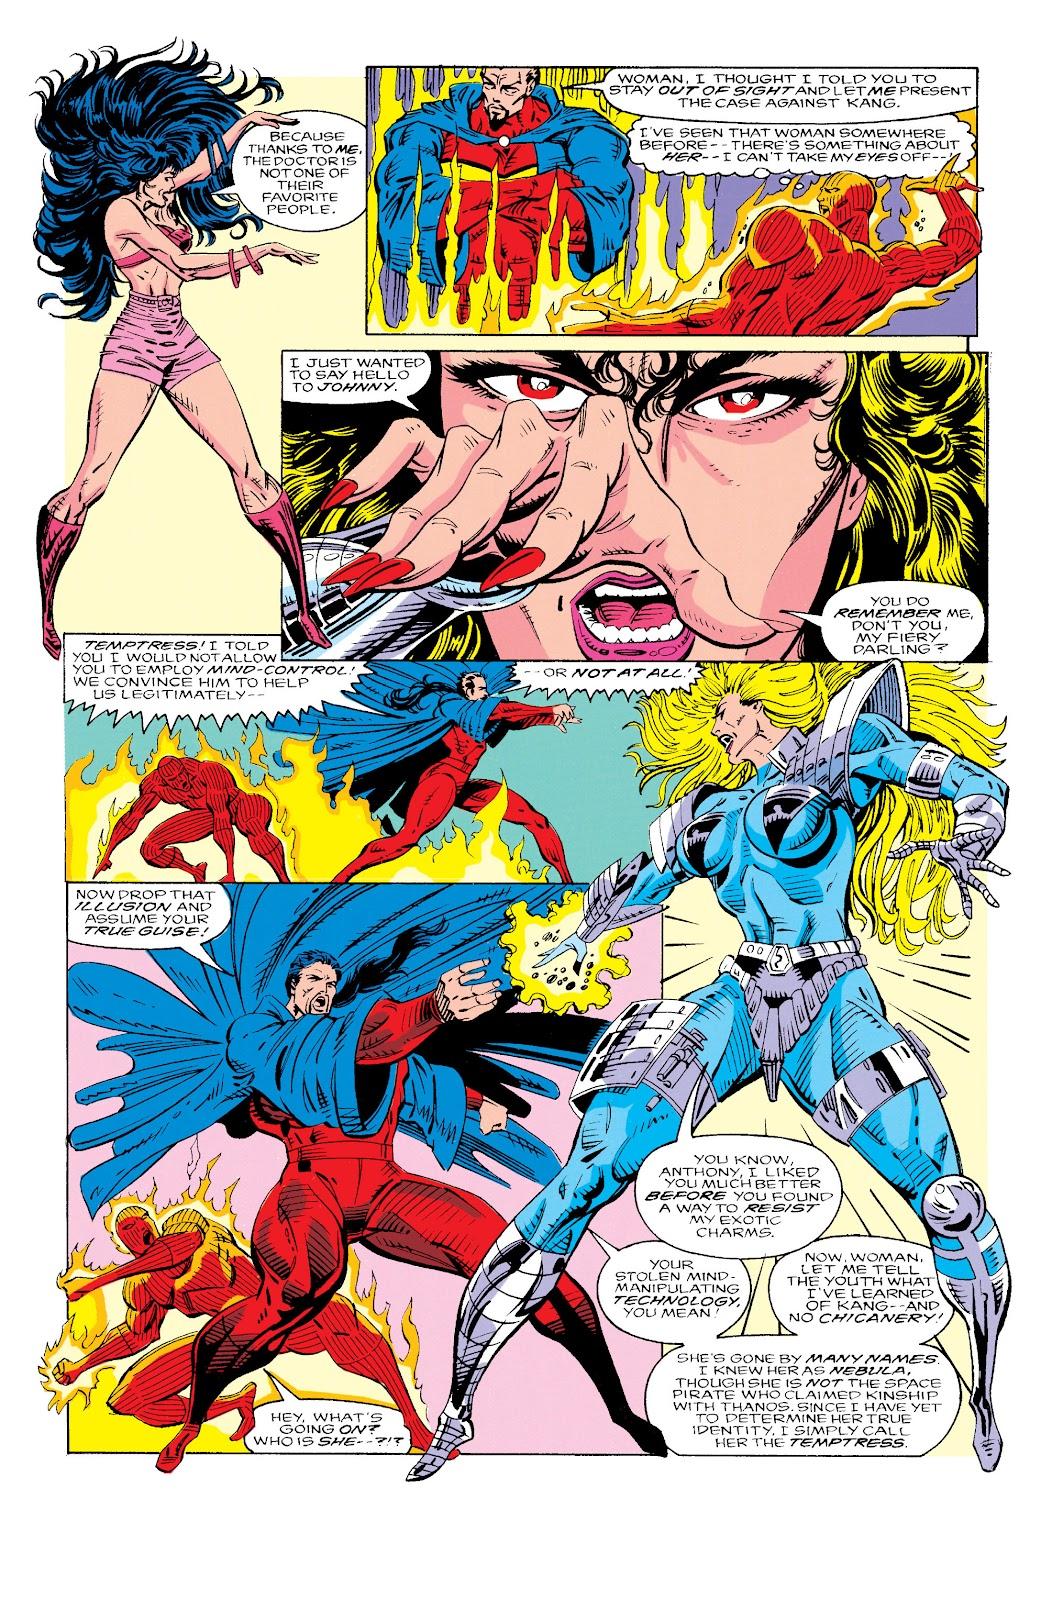 Read online Avengers: Citizen Kang comic -  Issue # TPB (Part 2) - 18